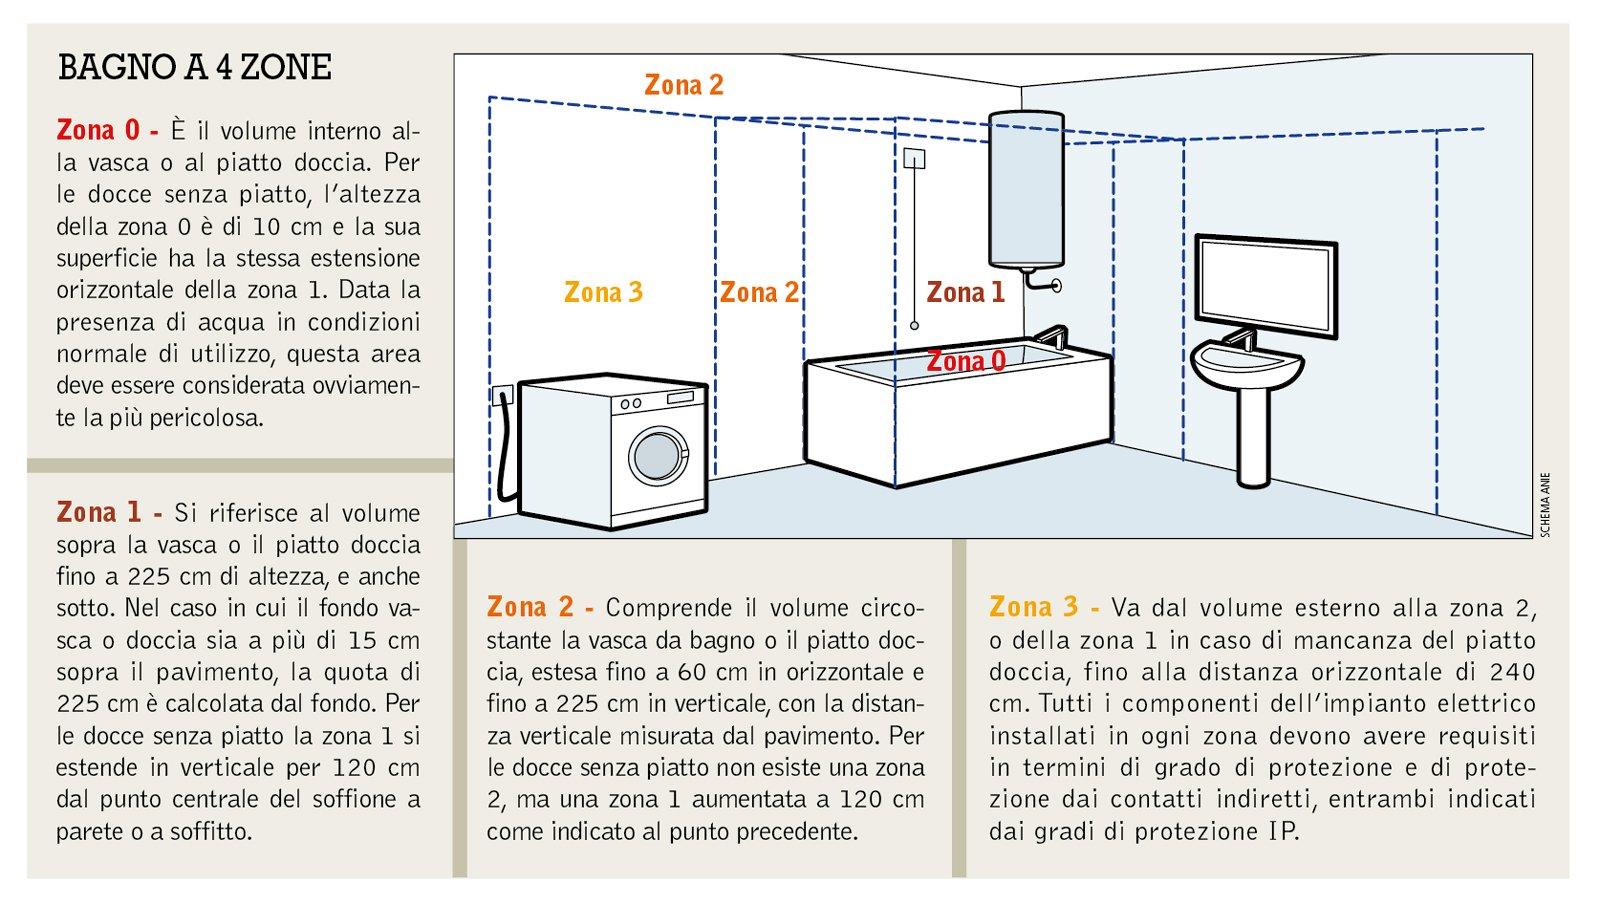 Schema Elettrico Per Bagno Disabili : Schema bagno a zone cose di casa